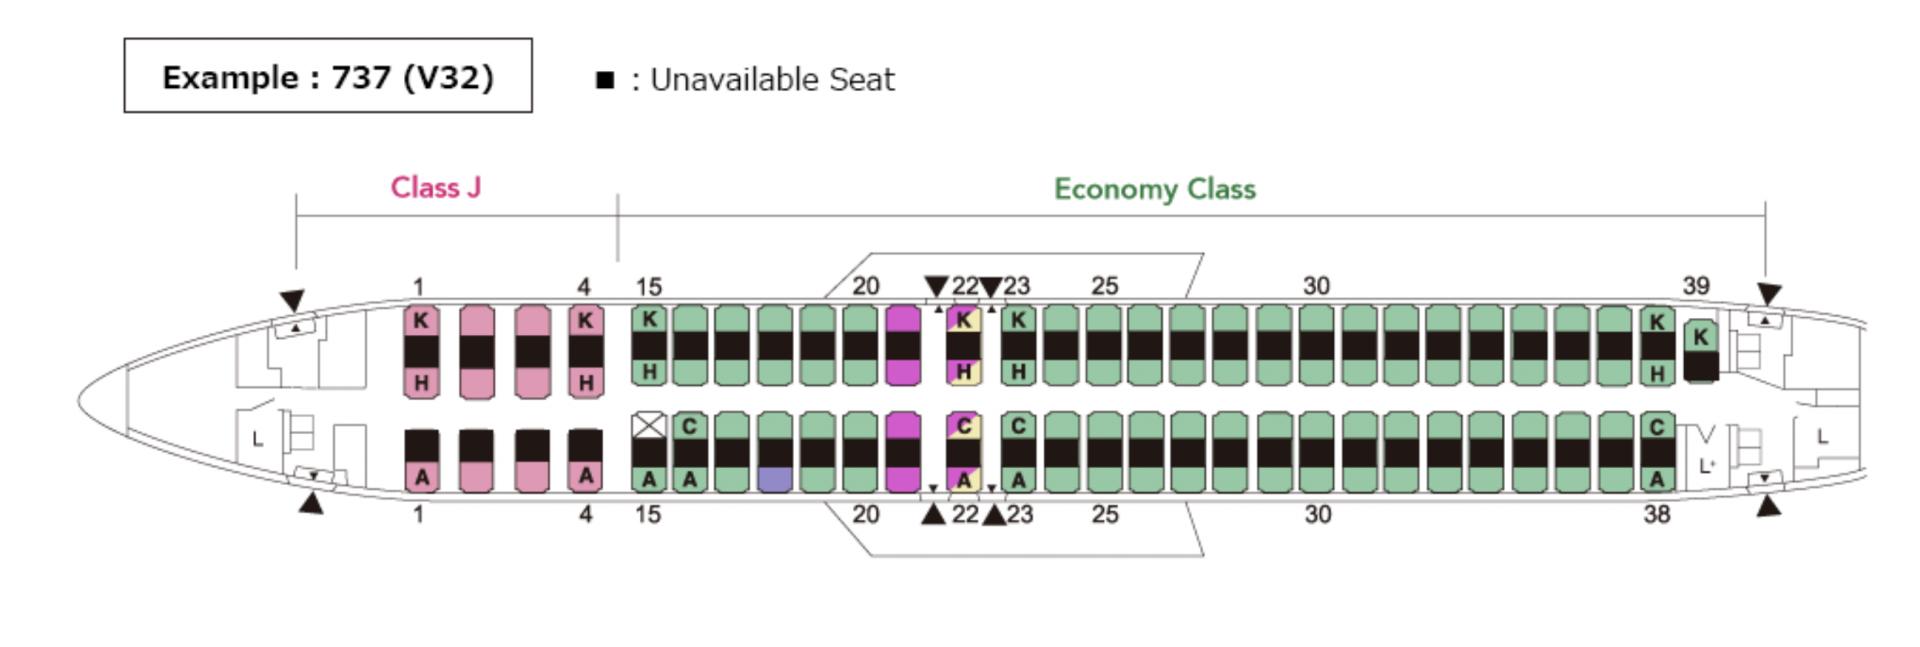 Japan Airlines adere ao distanciamento social em voos domésticos